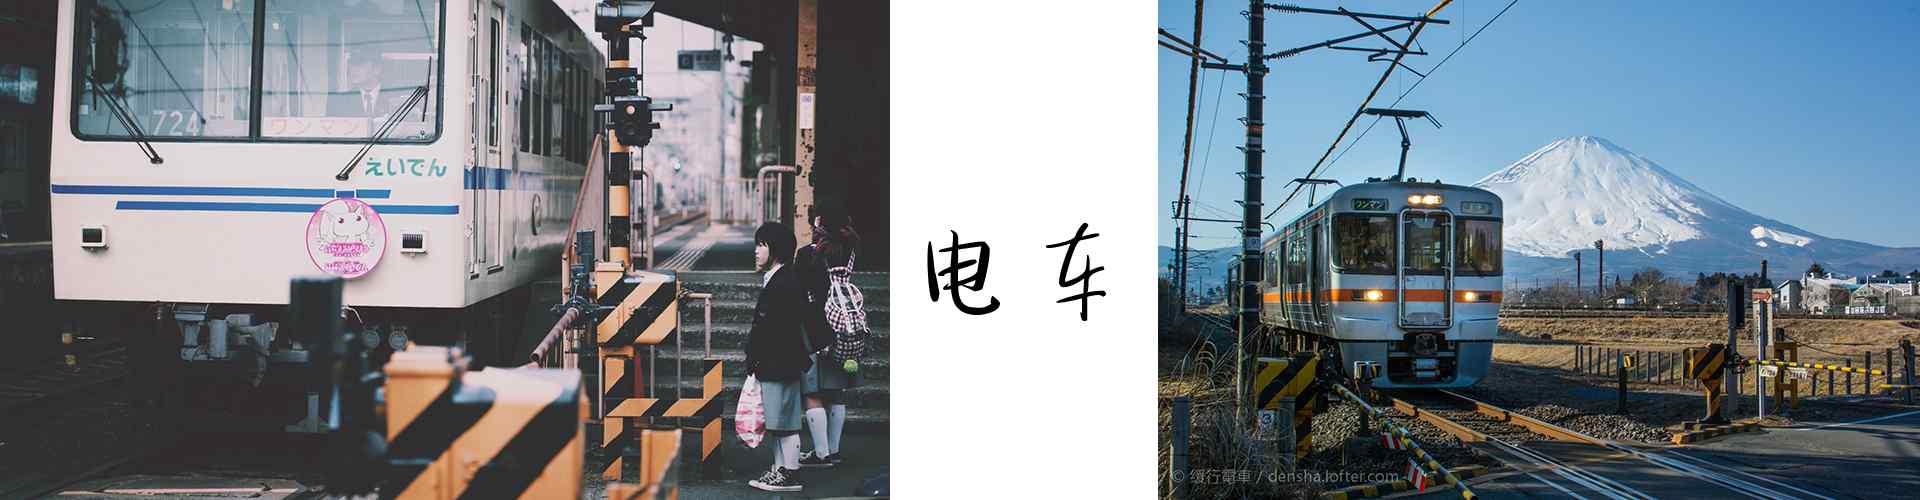 电车风景_电车图片_电车风景图片_复古电车图片_风景壁纸